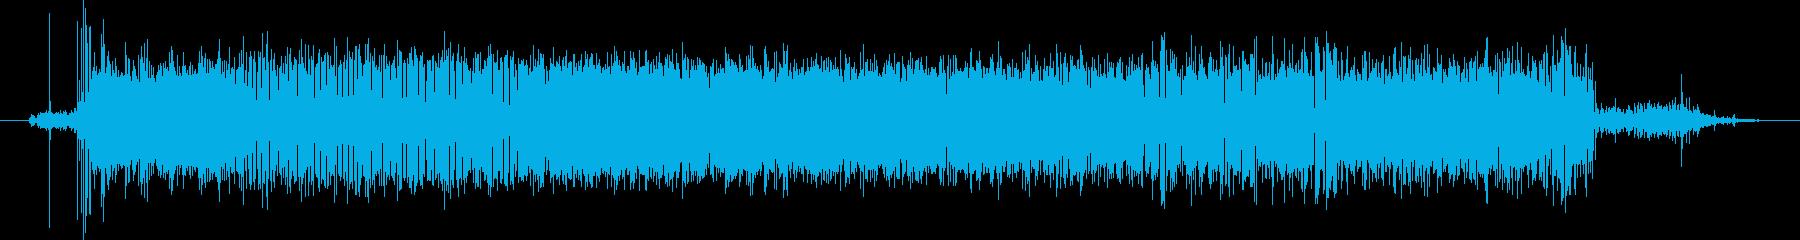 モーター サーボハムオシレートロング01の再生済みの波形